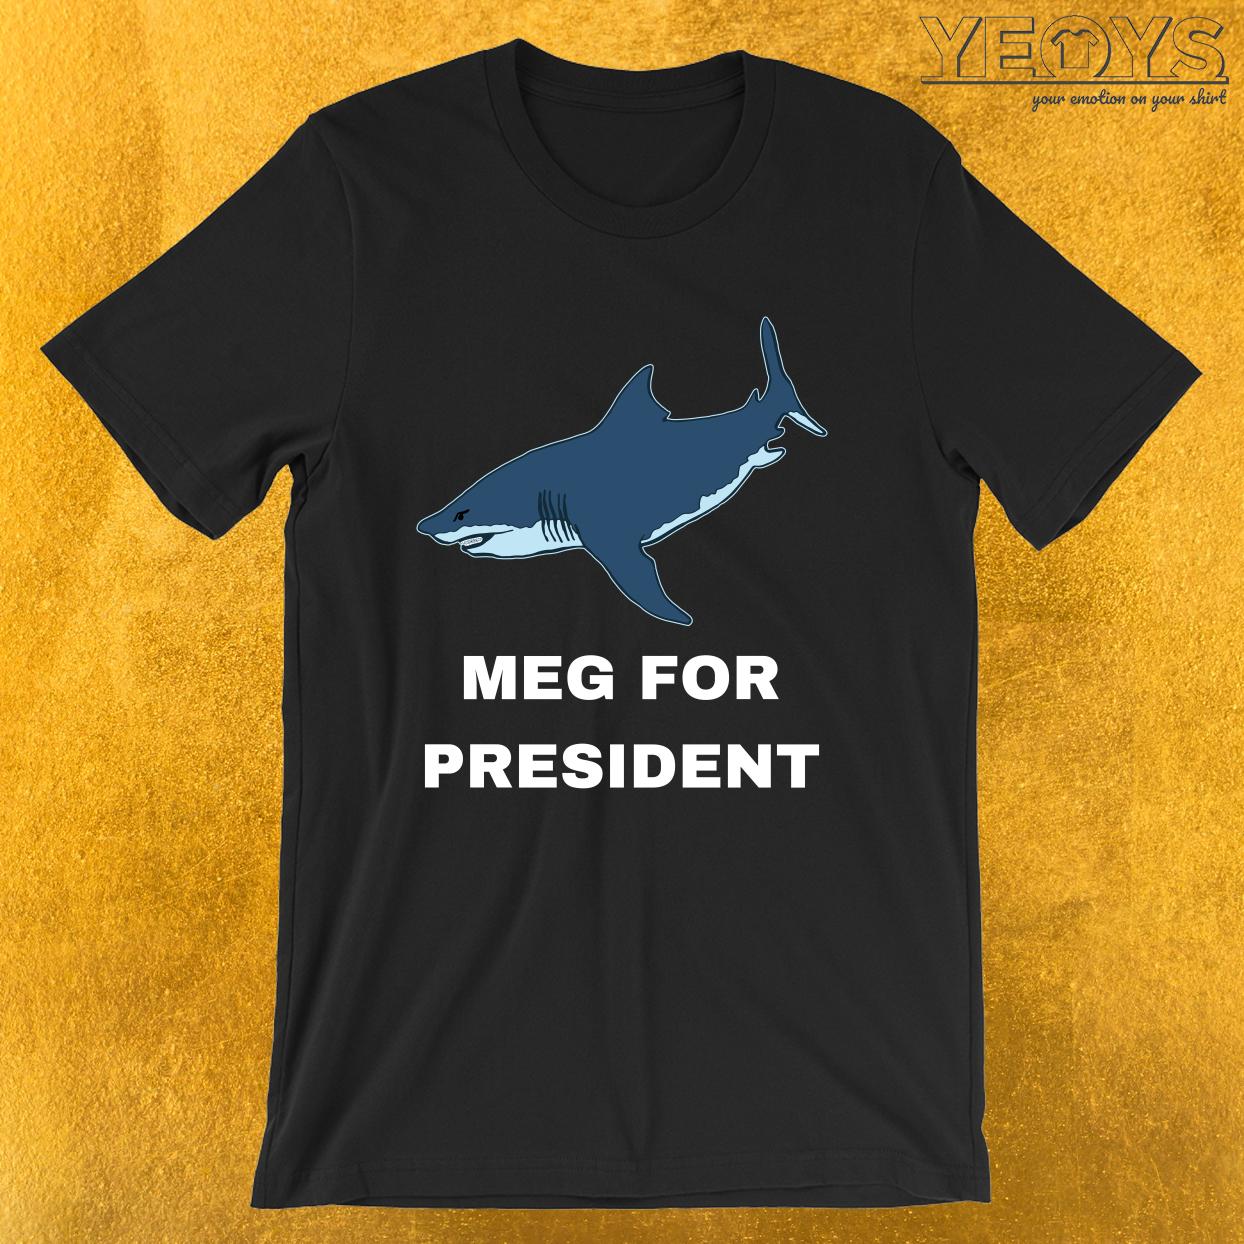 Meg For President – Funny Megalodon Shark Tee